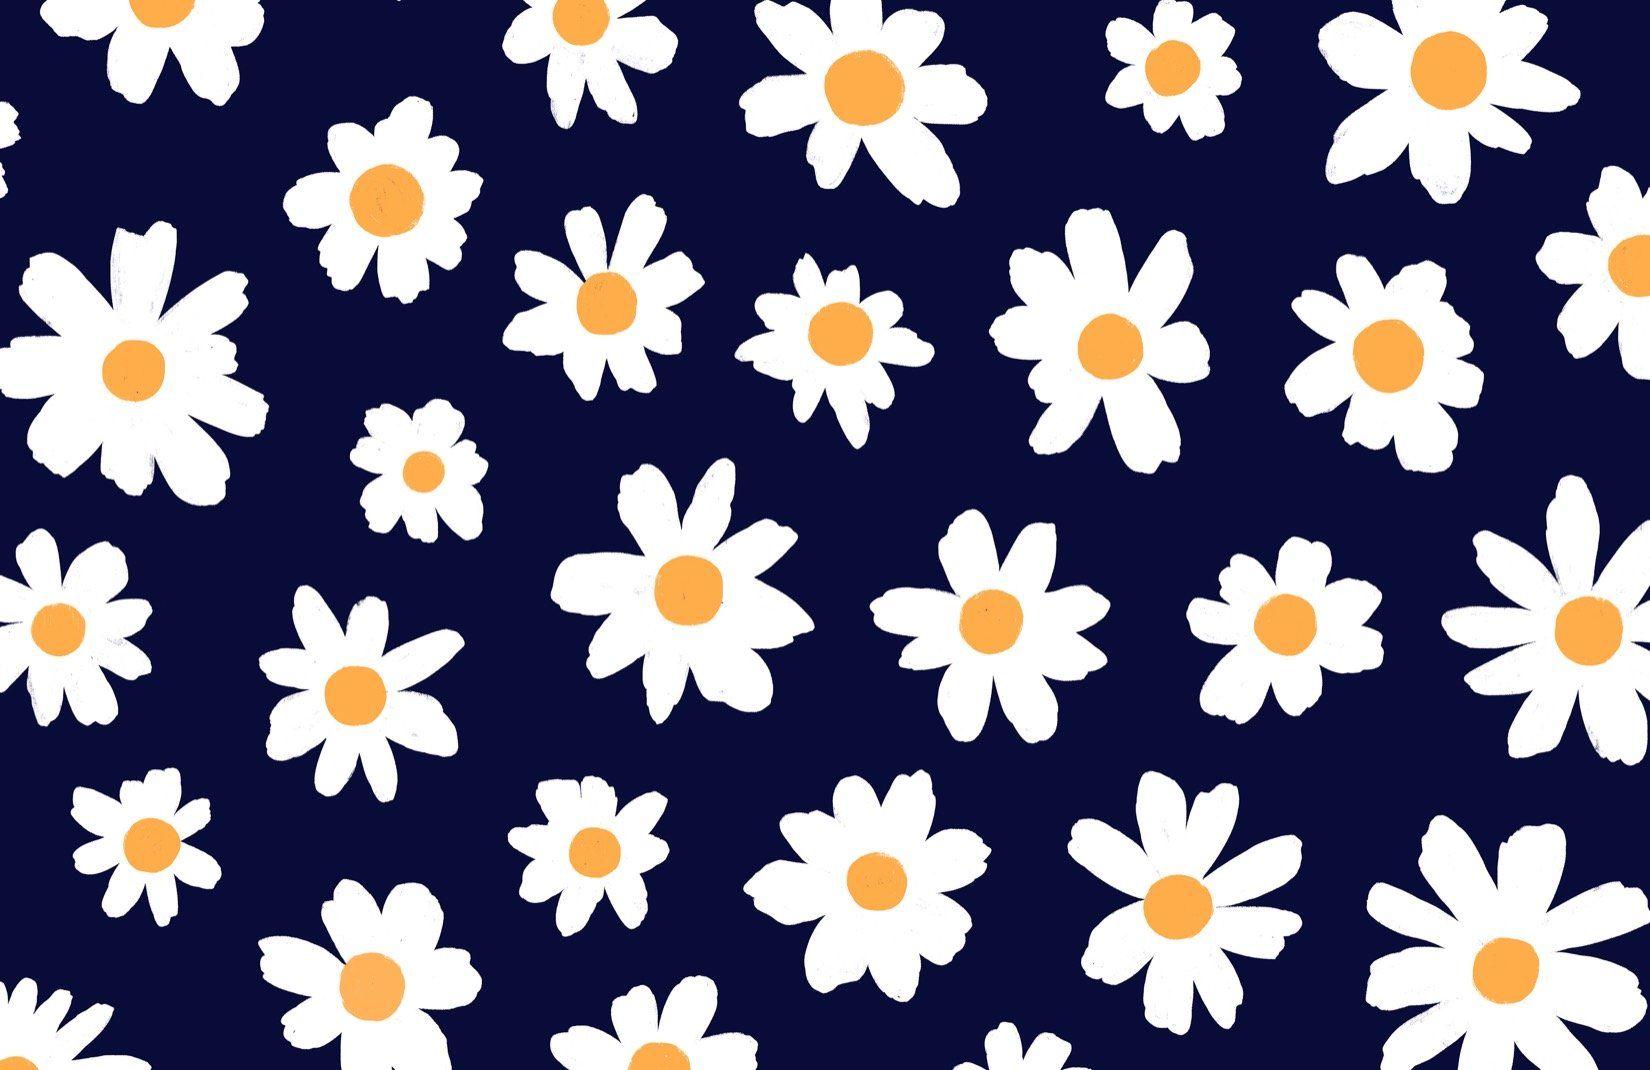 Retro Daisy Wallpaper   Cute Floral Design ...